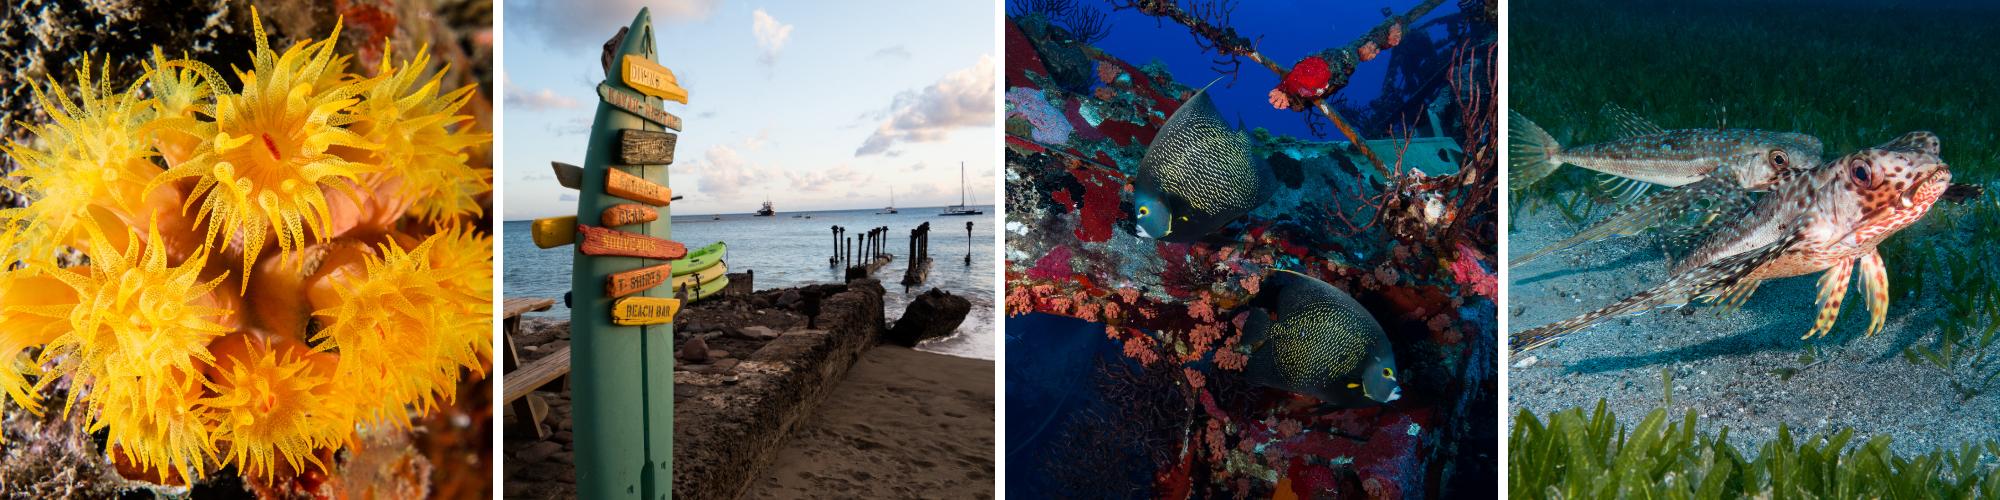 St Eustatius Underwater